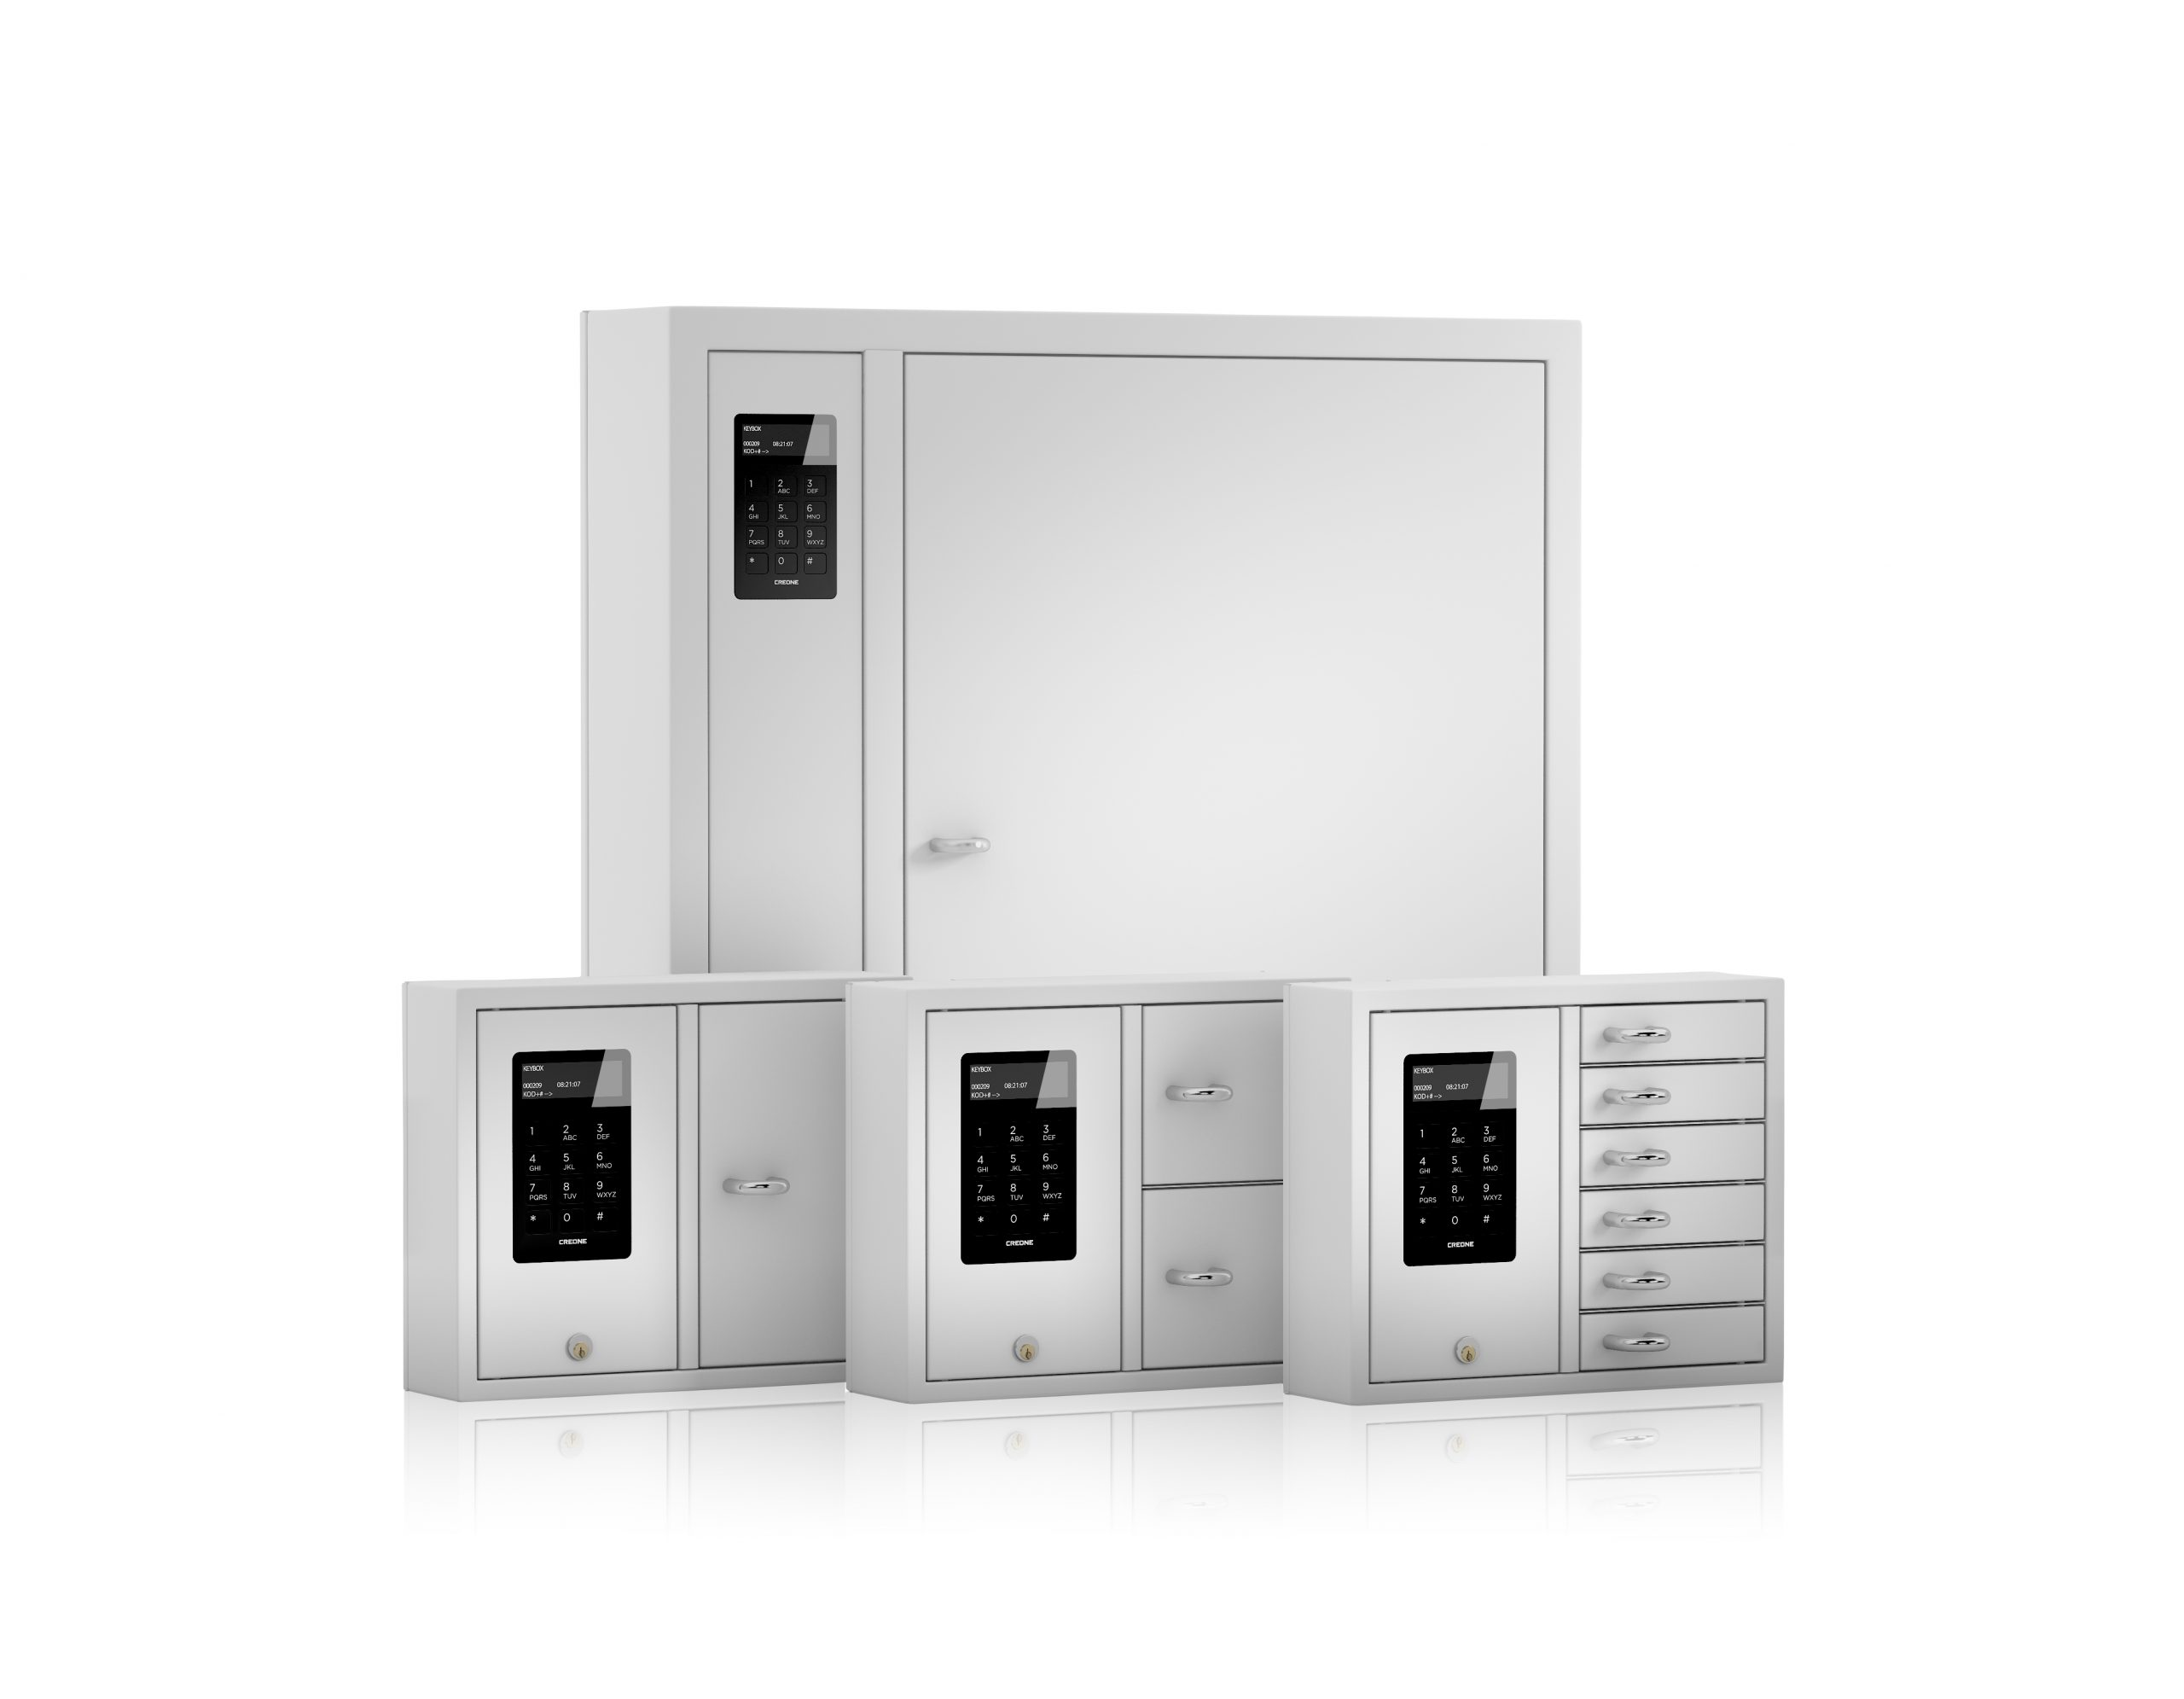 Kleineres Gruppenbild für KeyBox-Schlüsselschränke der Serie System